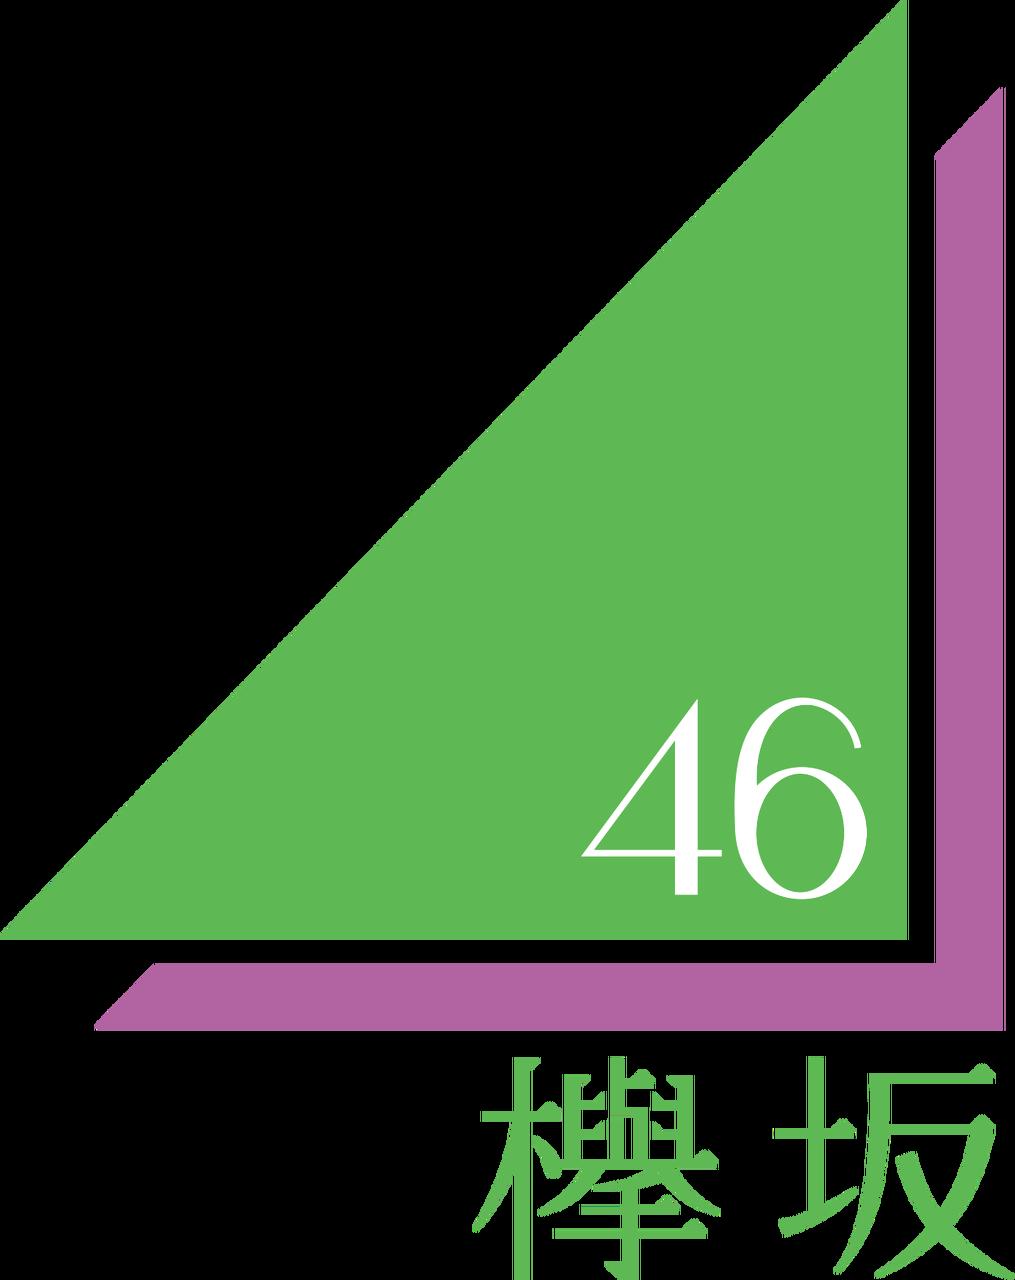 けやき坂46から『日向坂(ひなたざか)46』へ電撃改名にメンバー歓喜の声!でも何故、改名したの?